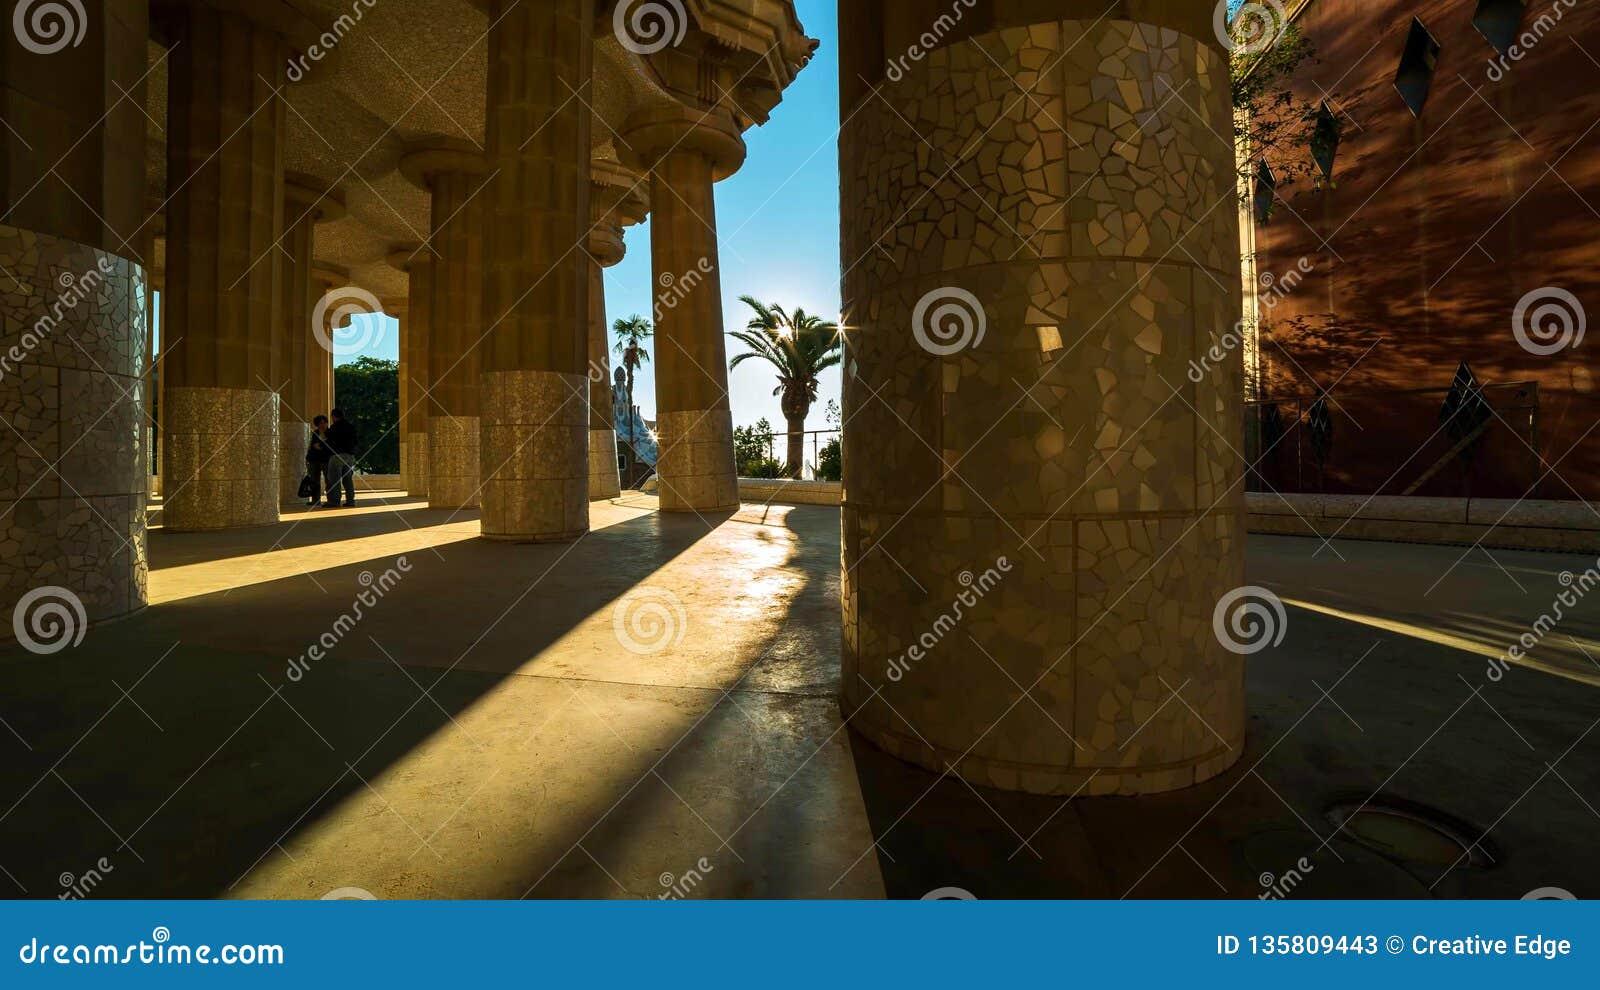 巴塞罗那是西班牙的加泰罗尼亚资本和大城市,以及次要个人口众多的自治市